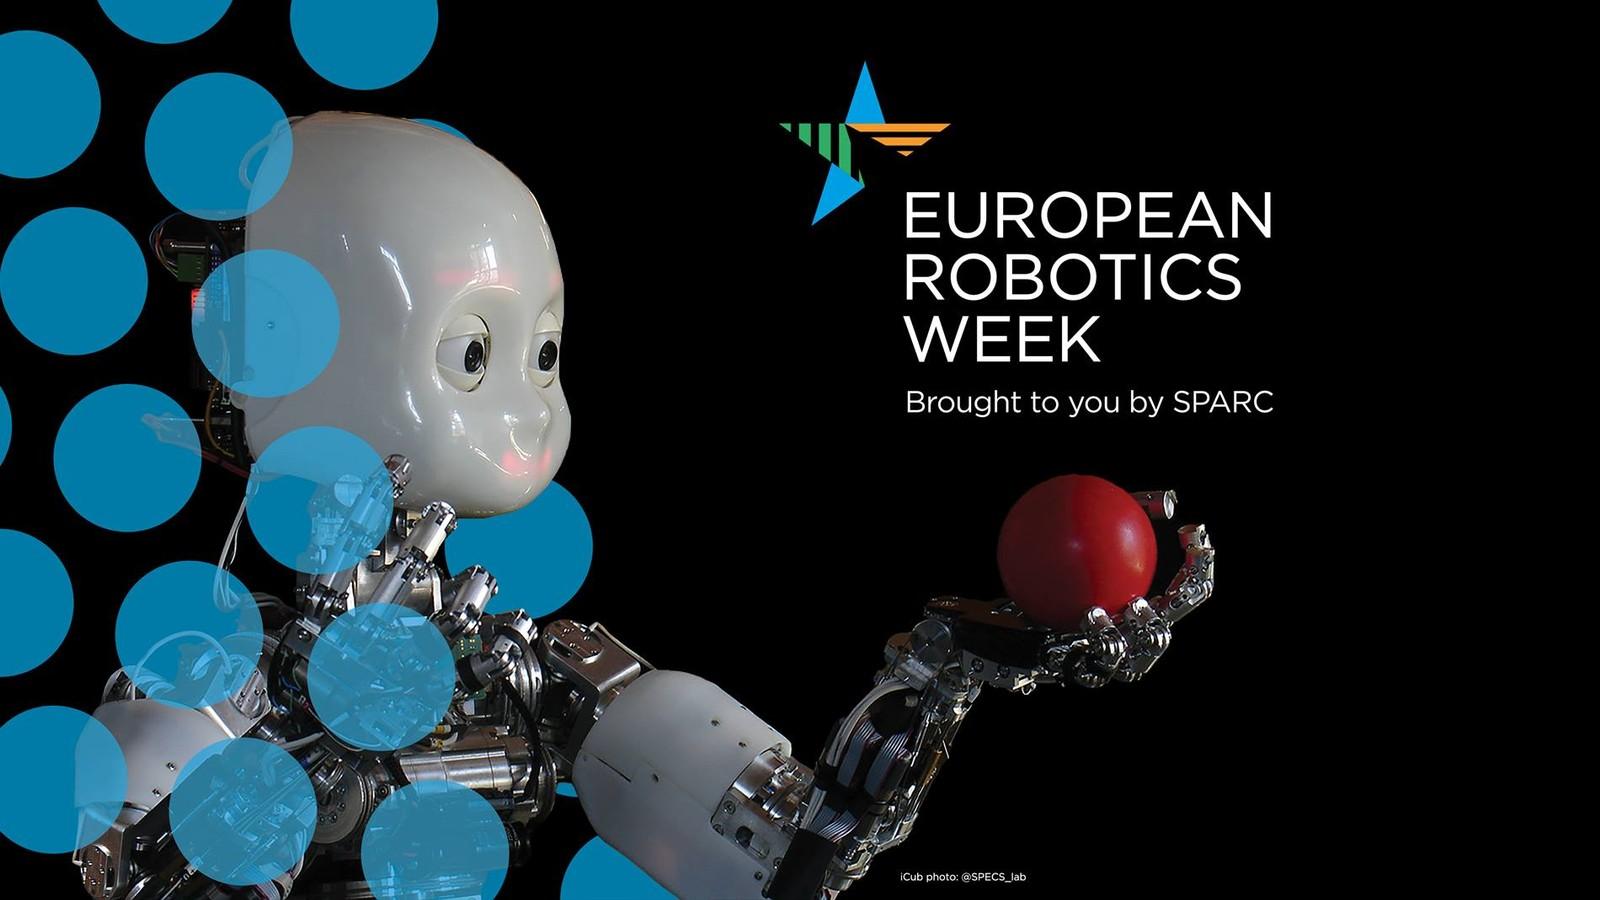 """Europäische Roboterwoche 2019: Kuka präsentiert einen Vortrag von Dr. Christian Liedtke zum Thema """"Die Wahrheit über Industrie 4.0""""."""